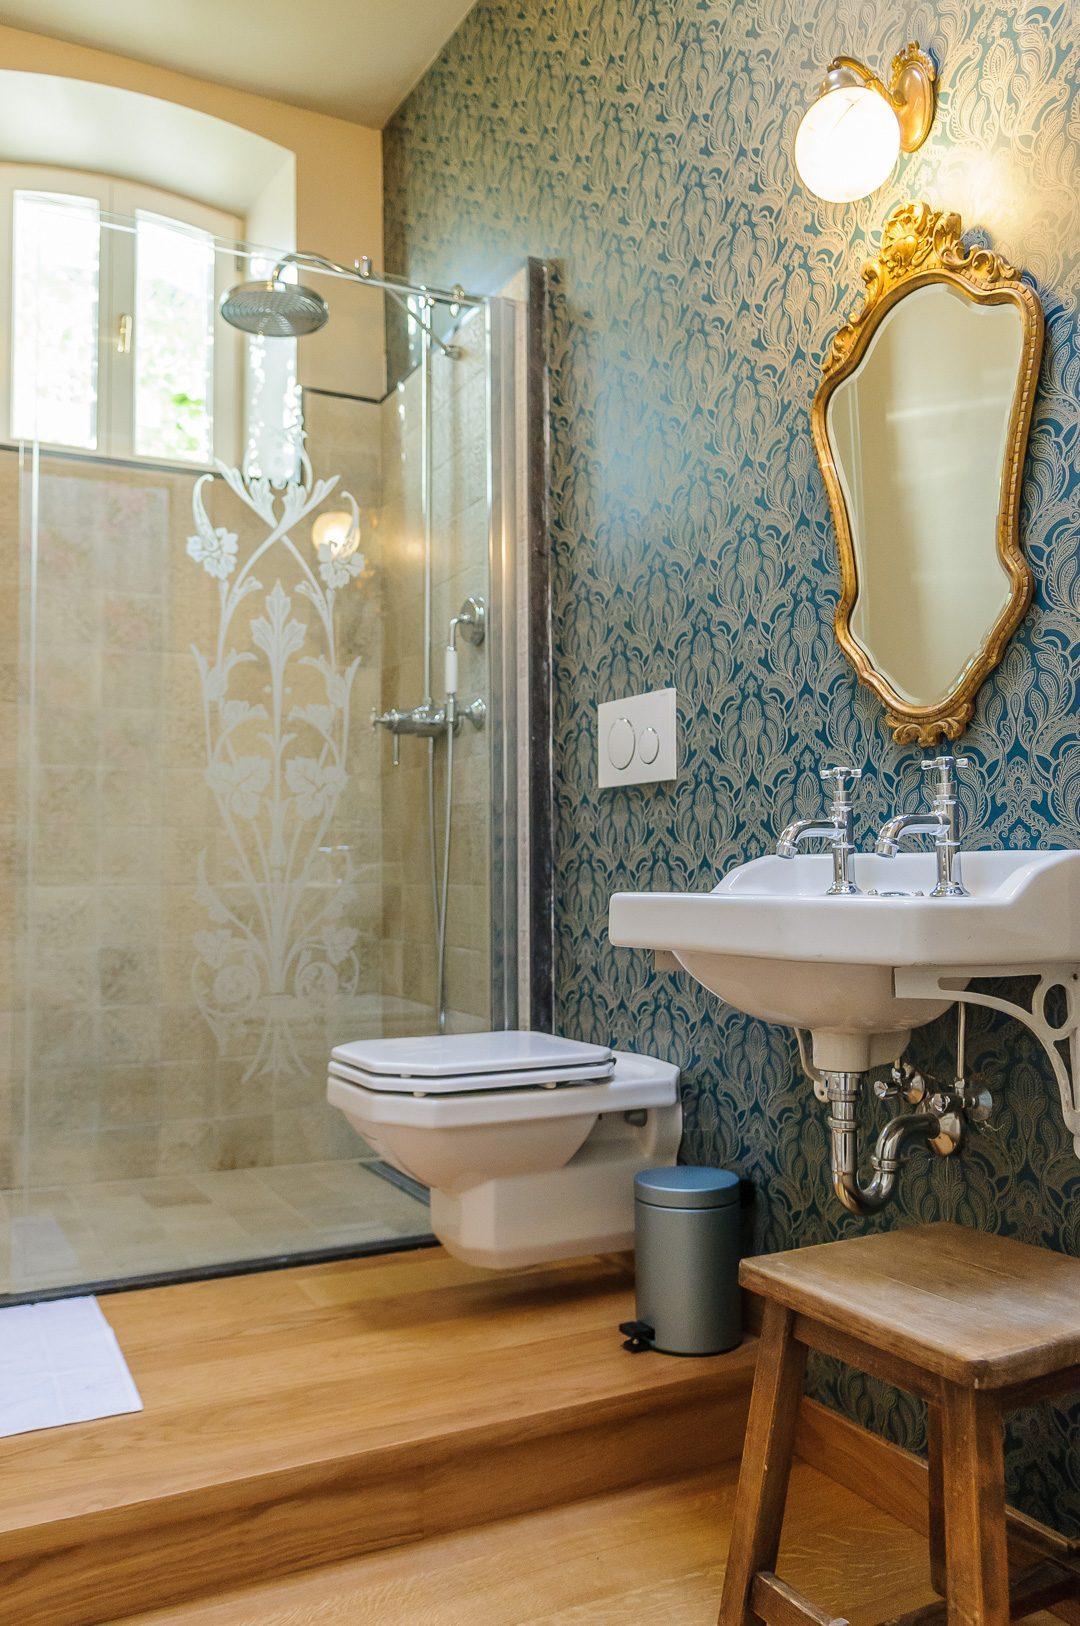 Des anciennes céramiques Art Nouveau décorent la douche